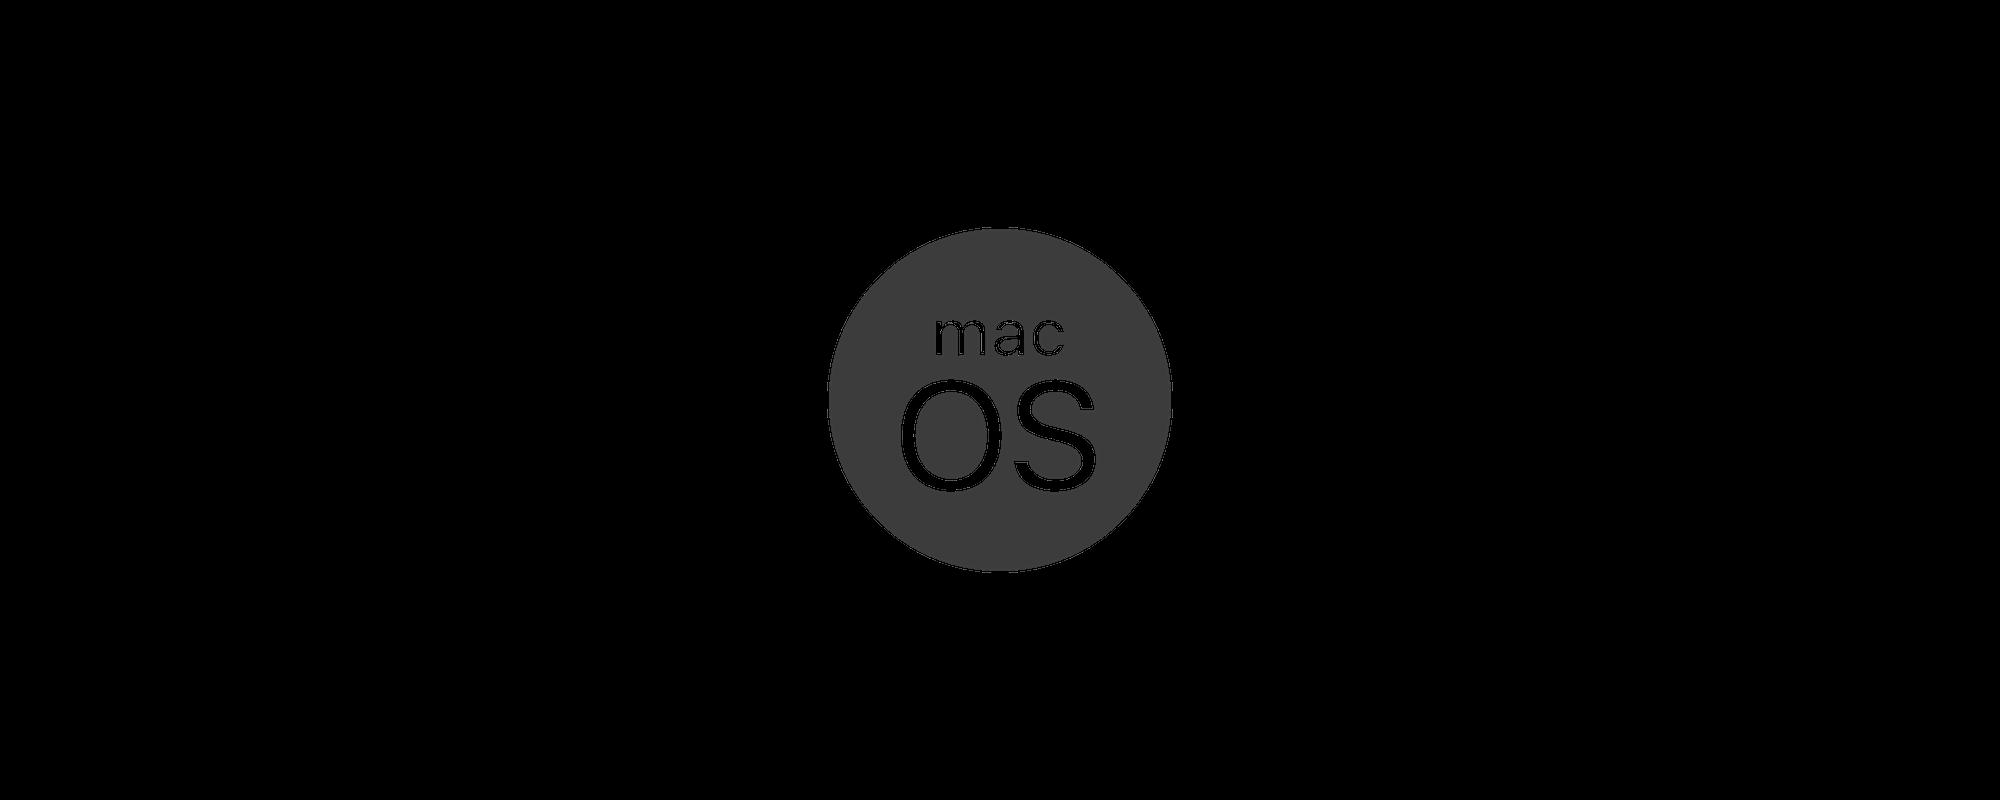 macOS High Sierra 10 13 6 Update Available | Infinite Diaries